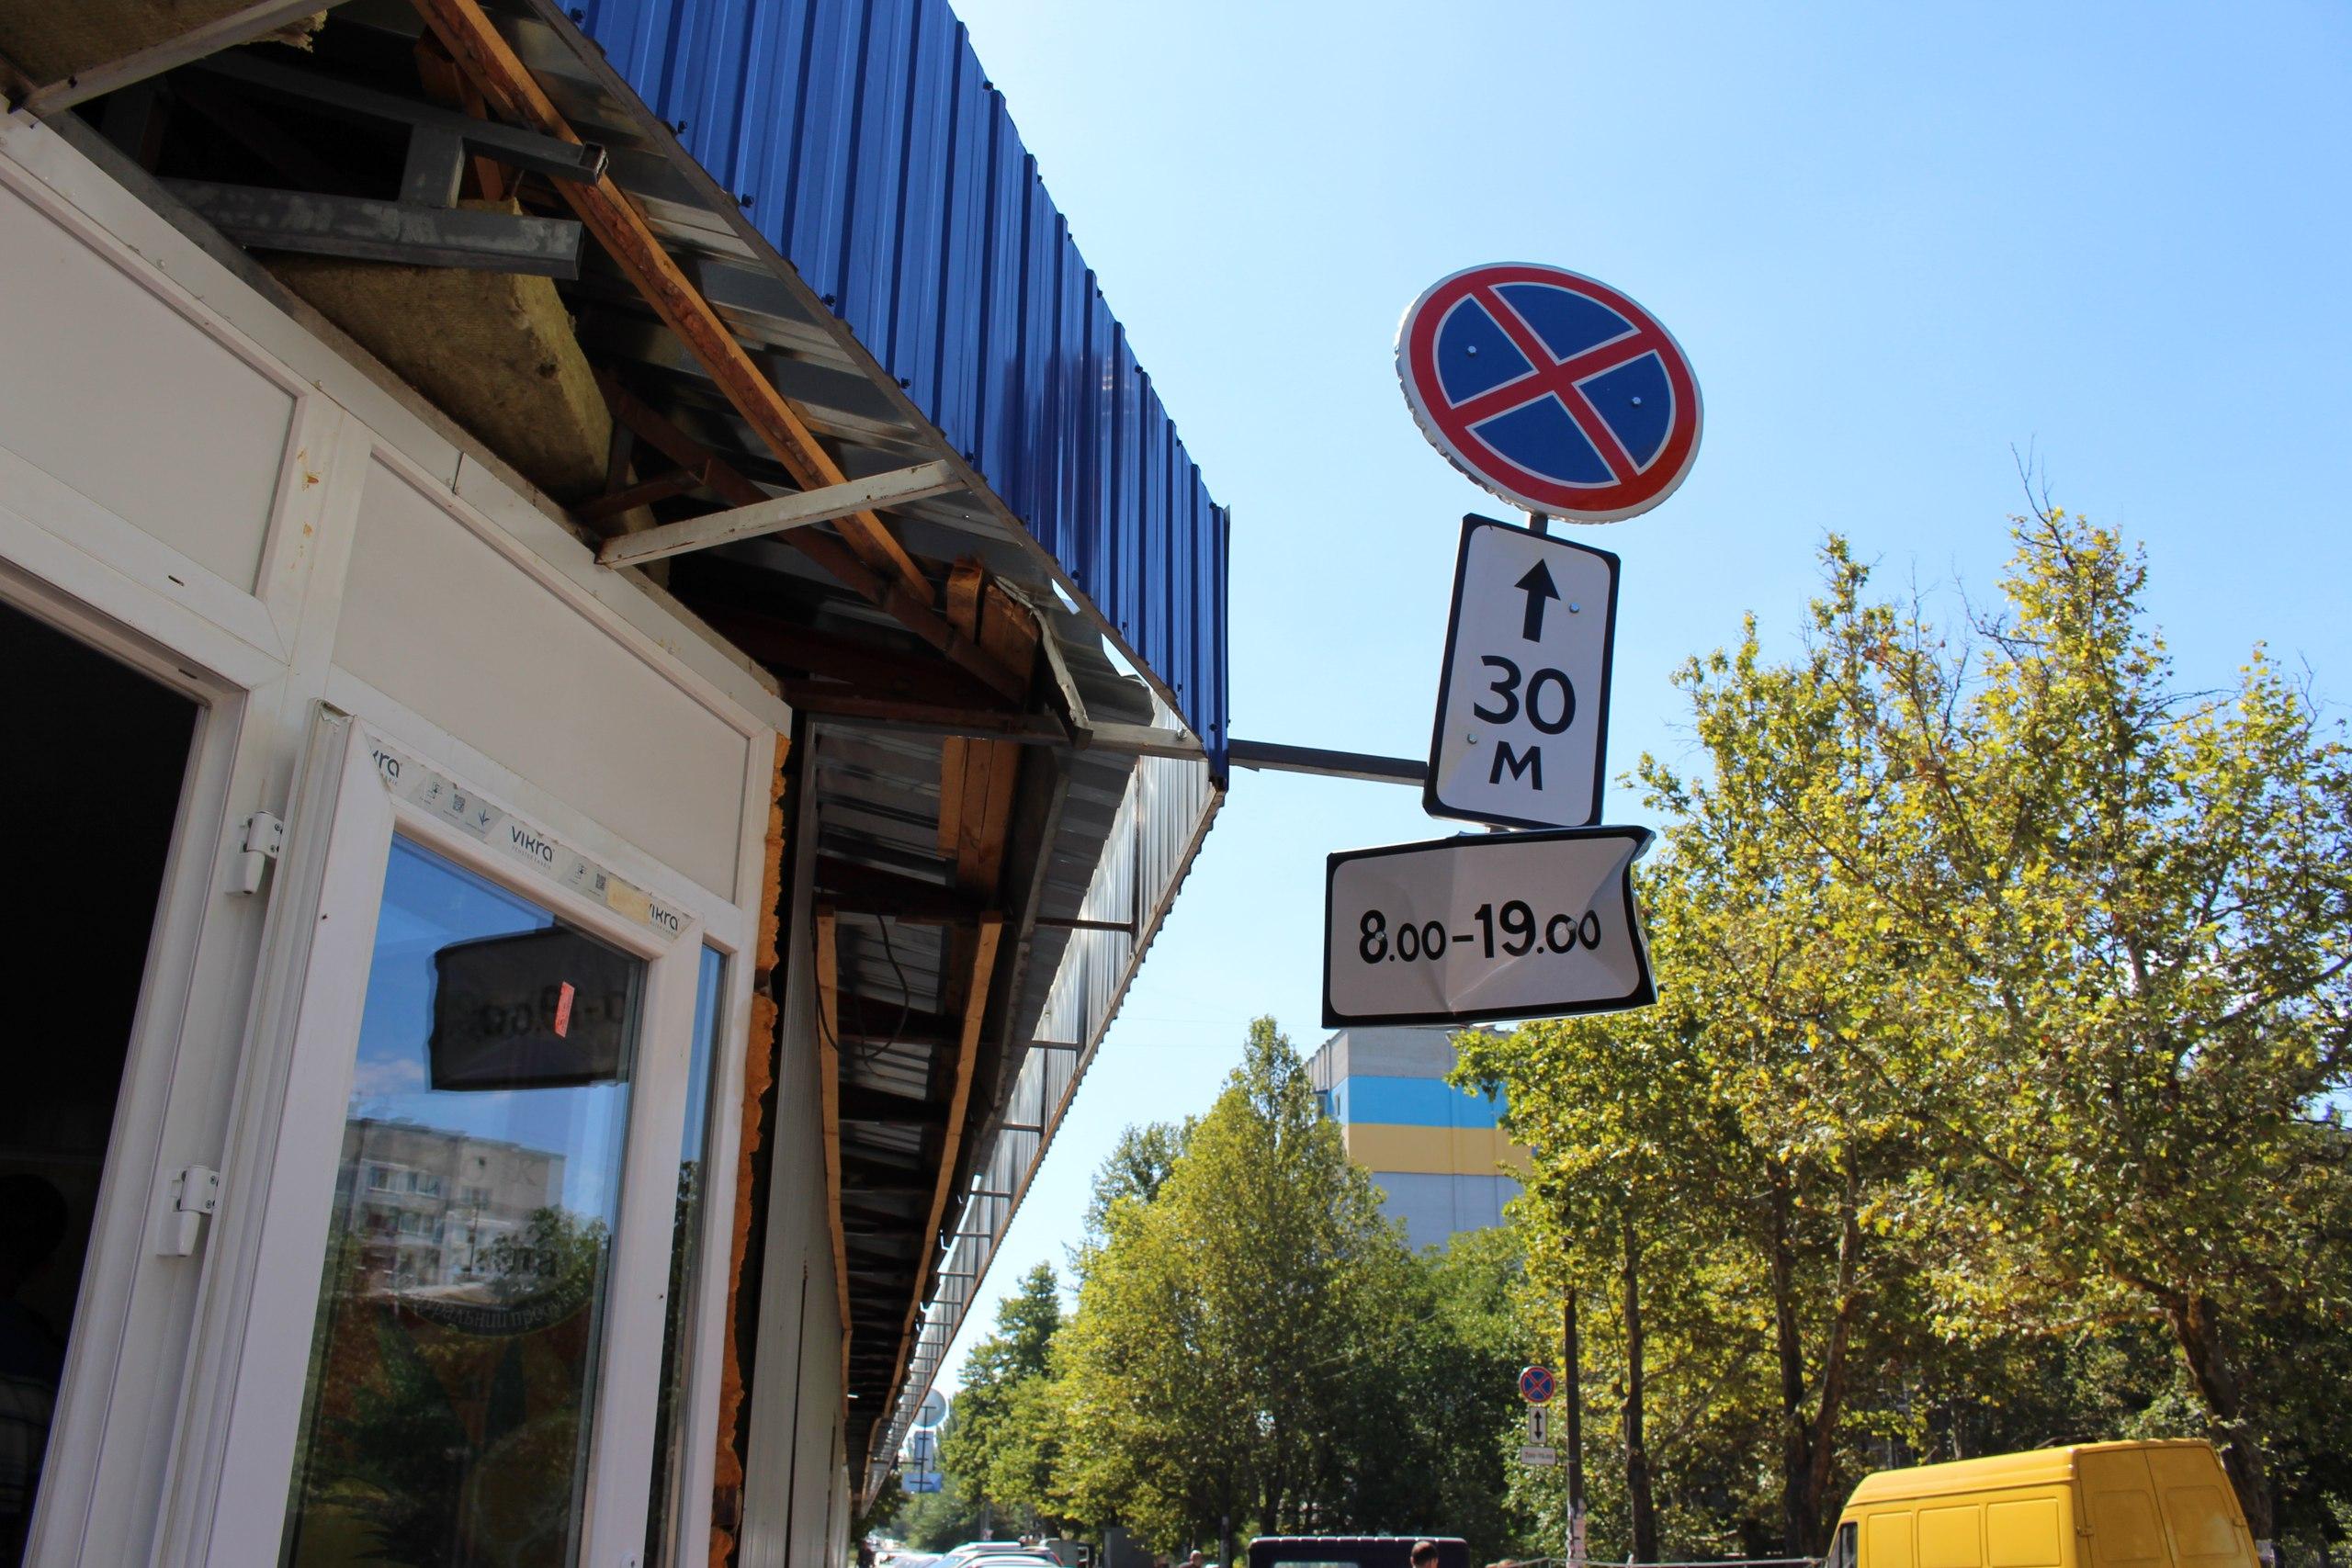 Миколаївці скаржаться на ринок на 3-й СлоМиколаївці скаржаться на ринок на 3-й Слобідський, який відхопив частину тротуарубідський, який відхопив частину тротуару